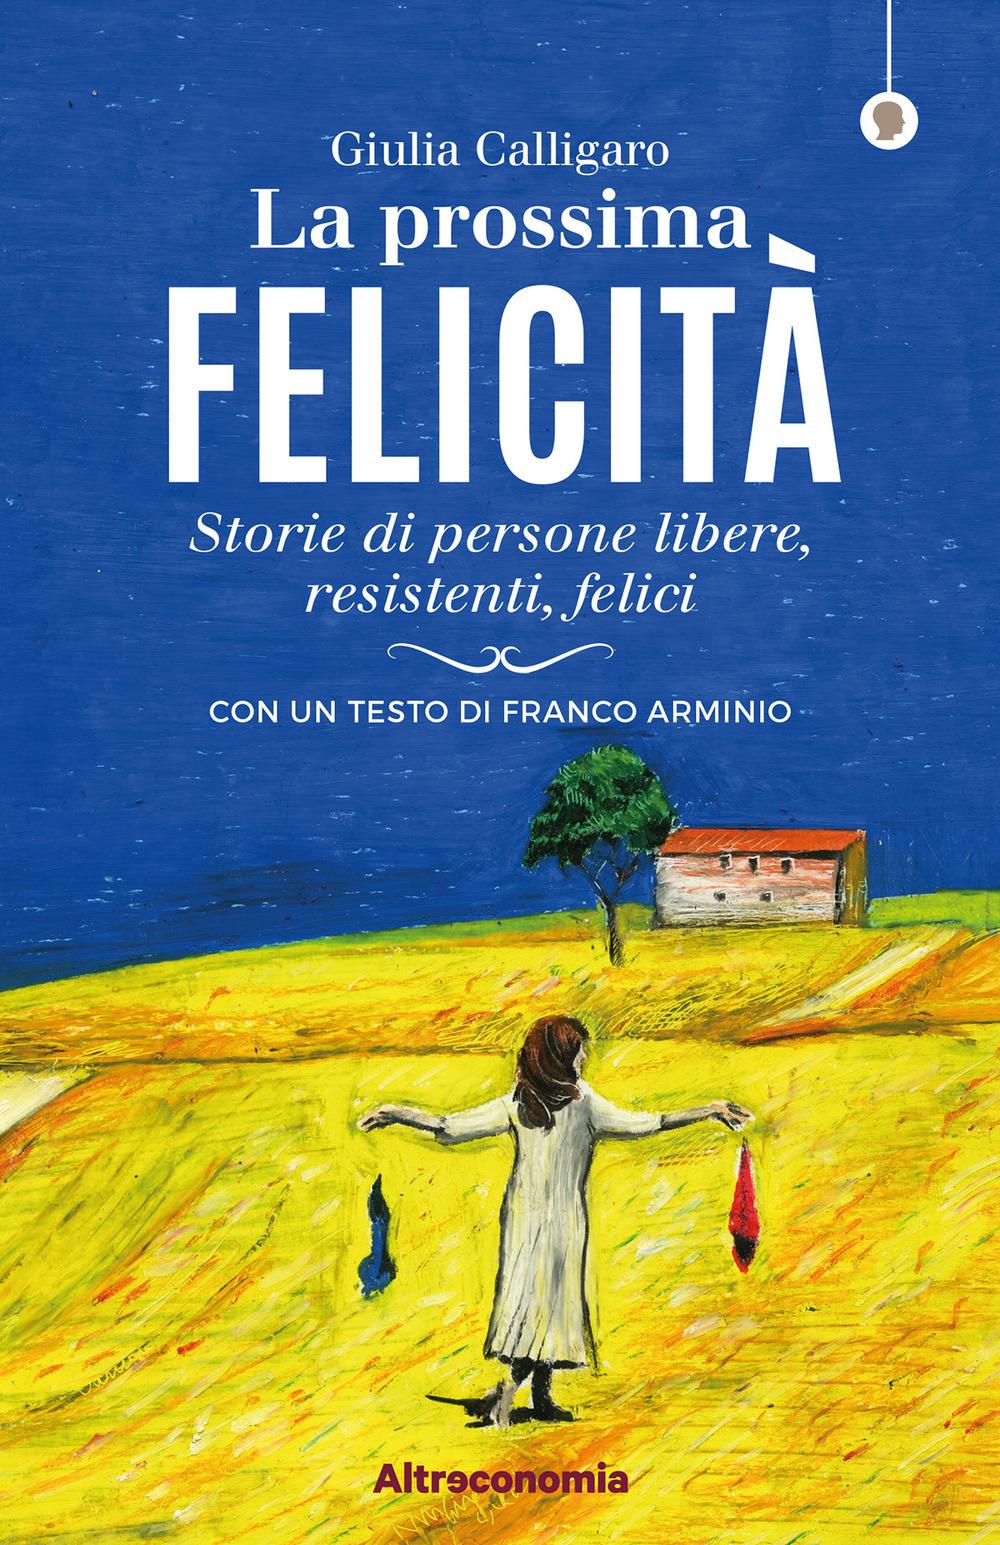 PROSSIMA FELICITÀ. STORIE DI PERSONE LIBERE, RESISTENTI, FELICI (LA) - Calligaro Giulia - 9788865162781